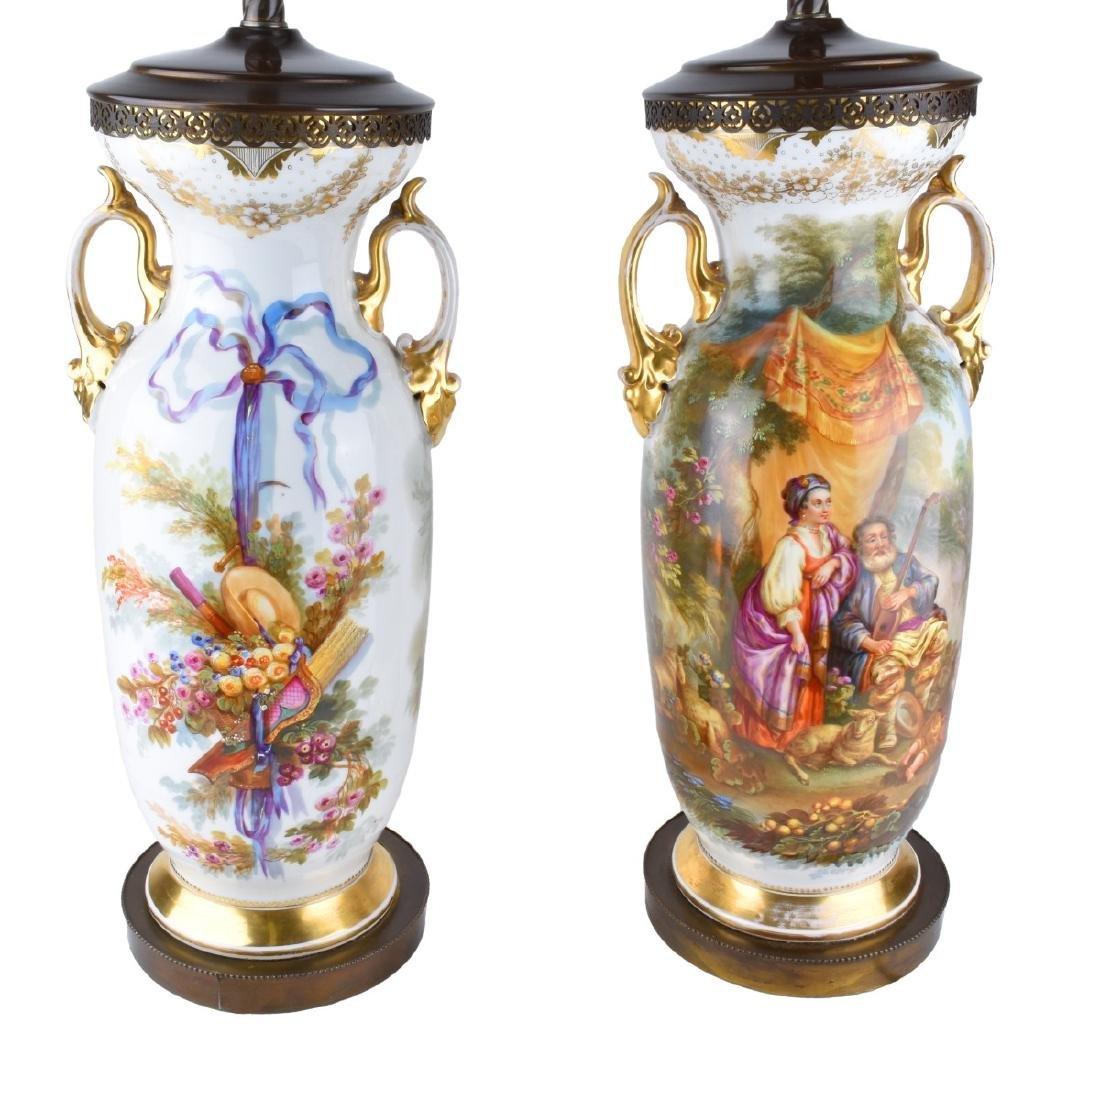 Old Paris Porcelain Vases as Lamps - 3